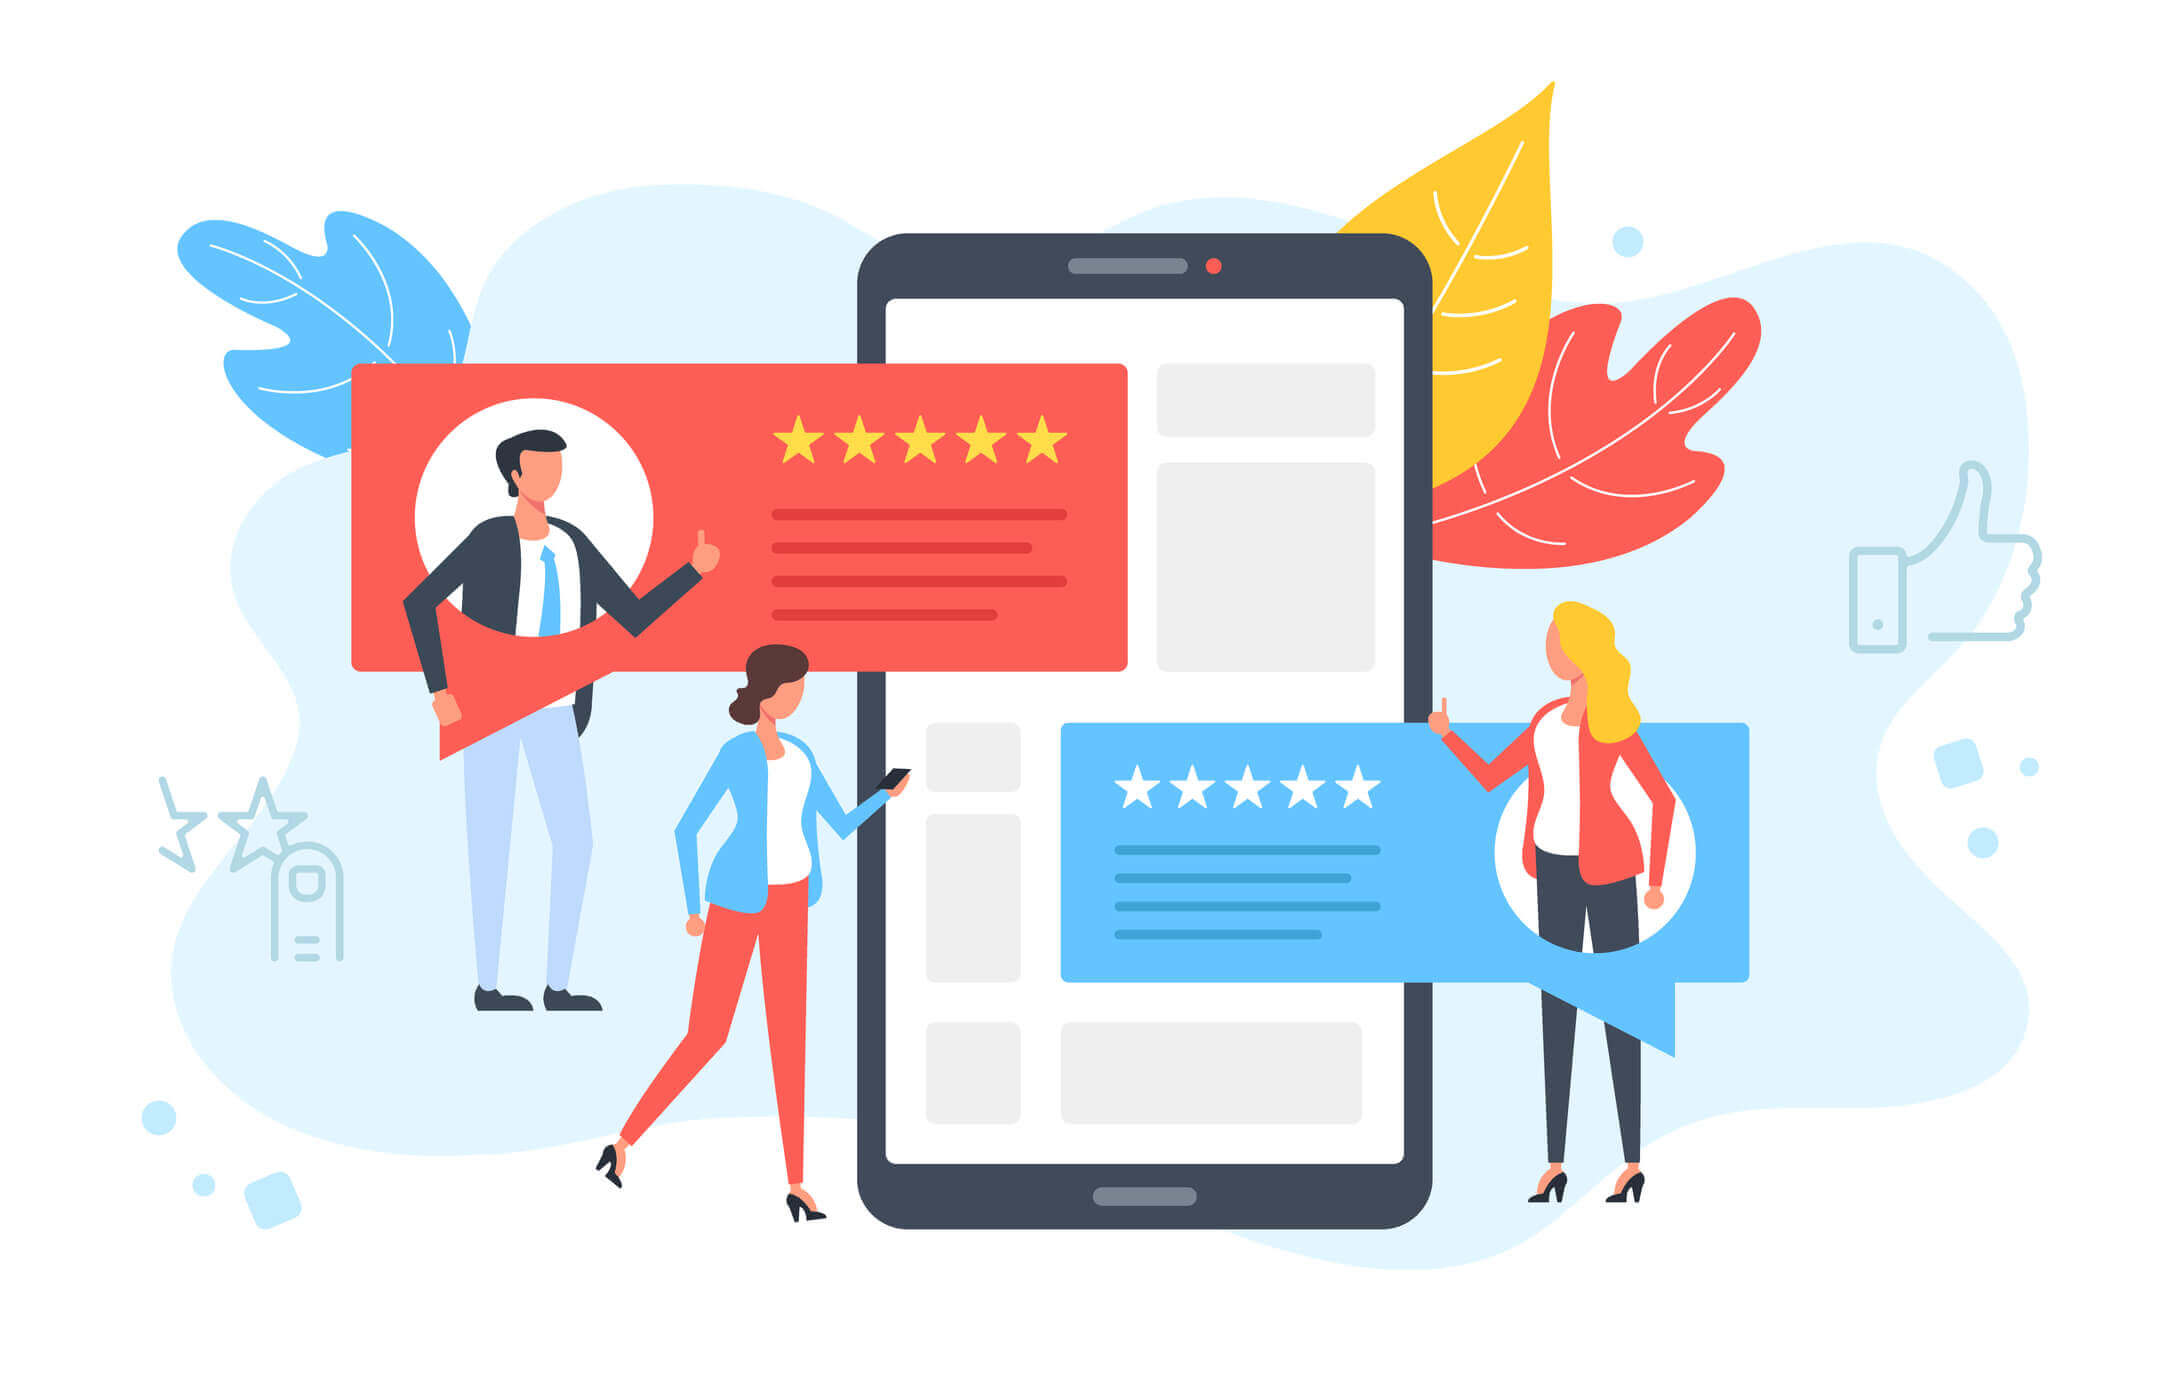 Kundenbewertungen-auf-dem-Smartphone